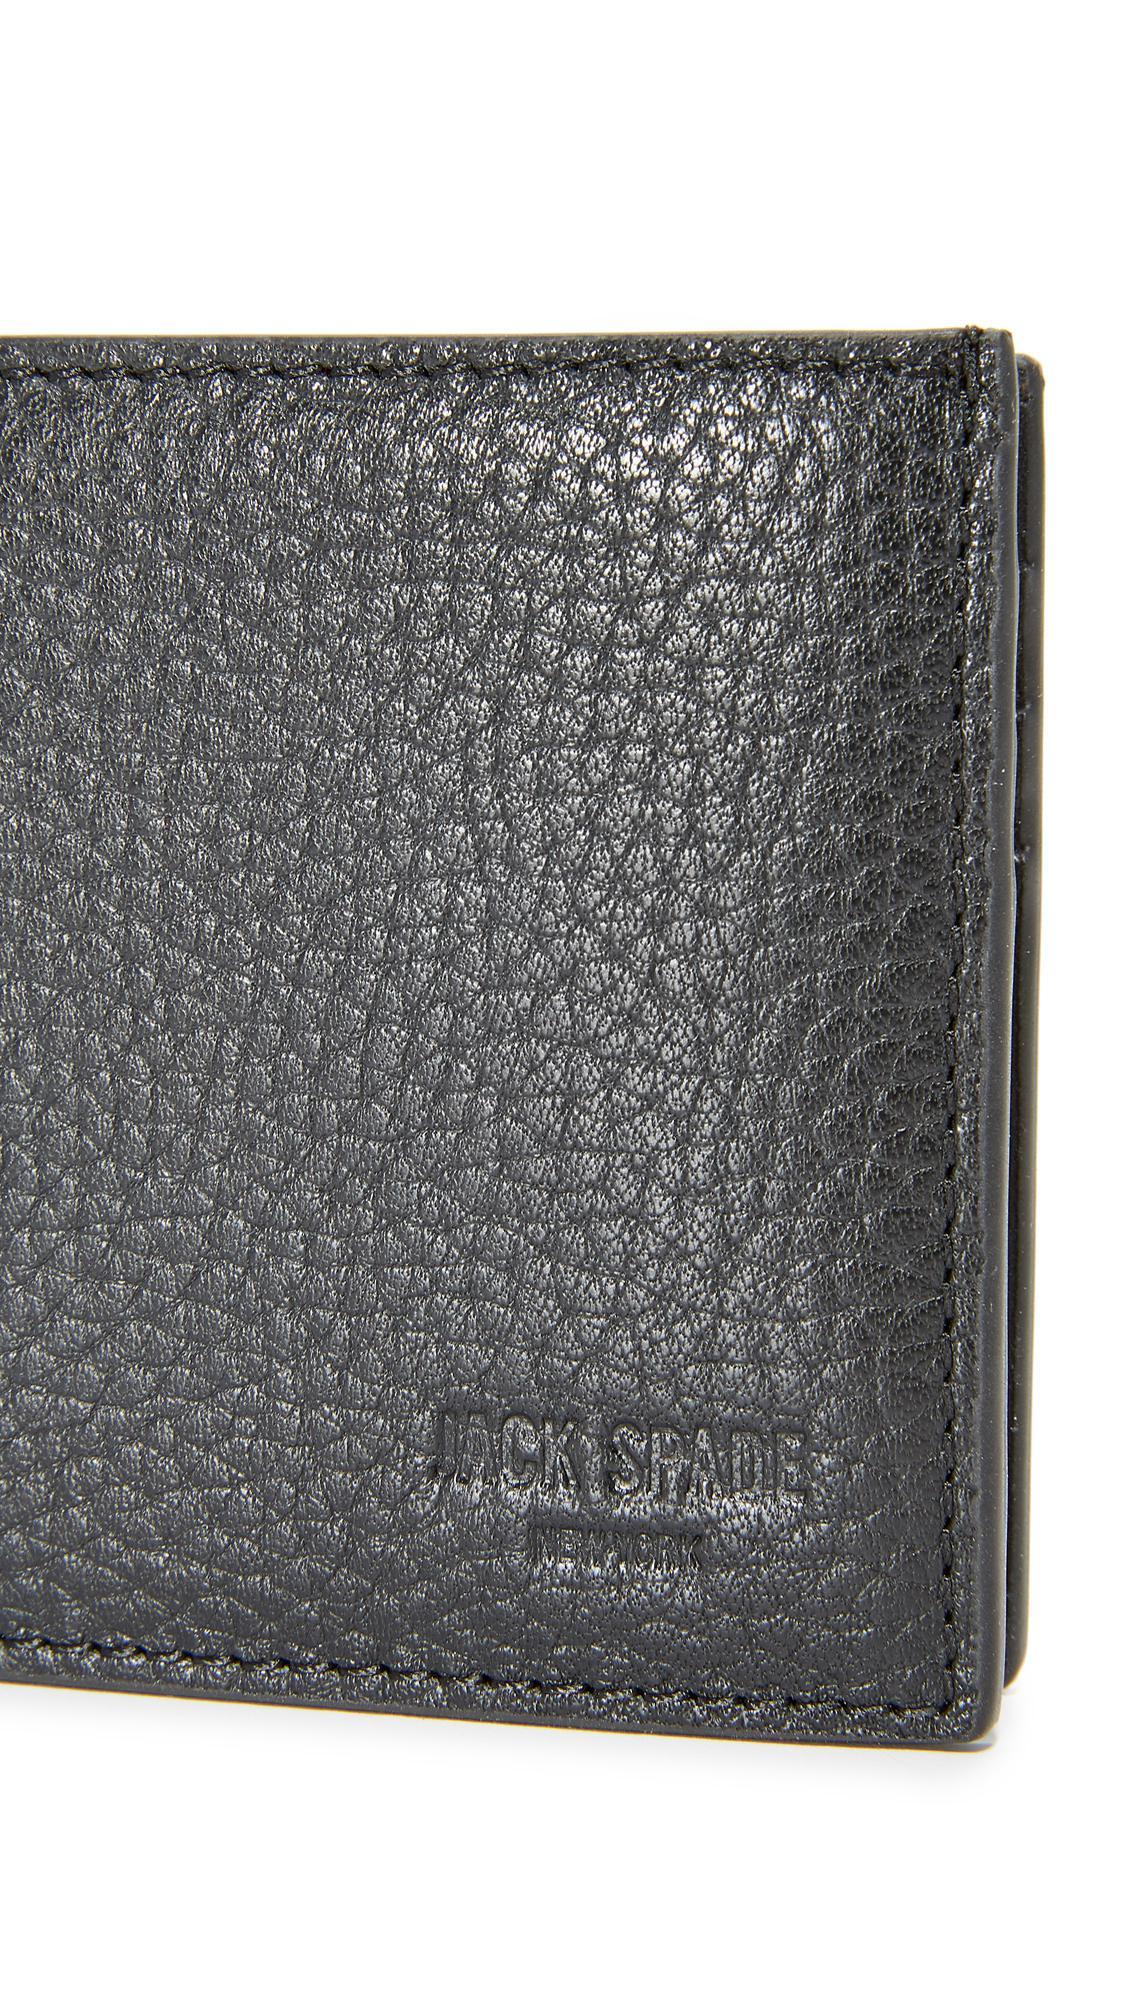 72458ea77240a Lyst - Jack Spade Pebbled Leather Slim Billfold in Black for Men